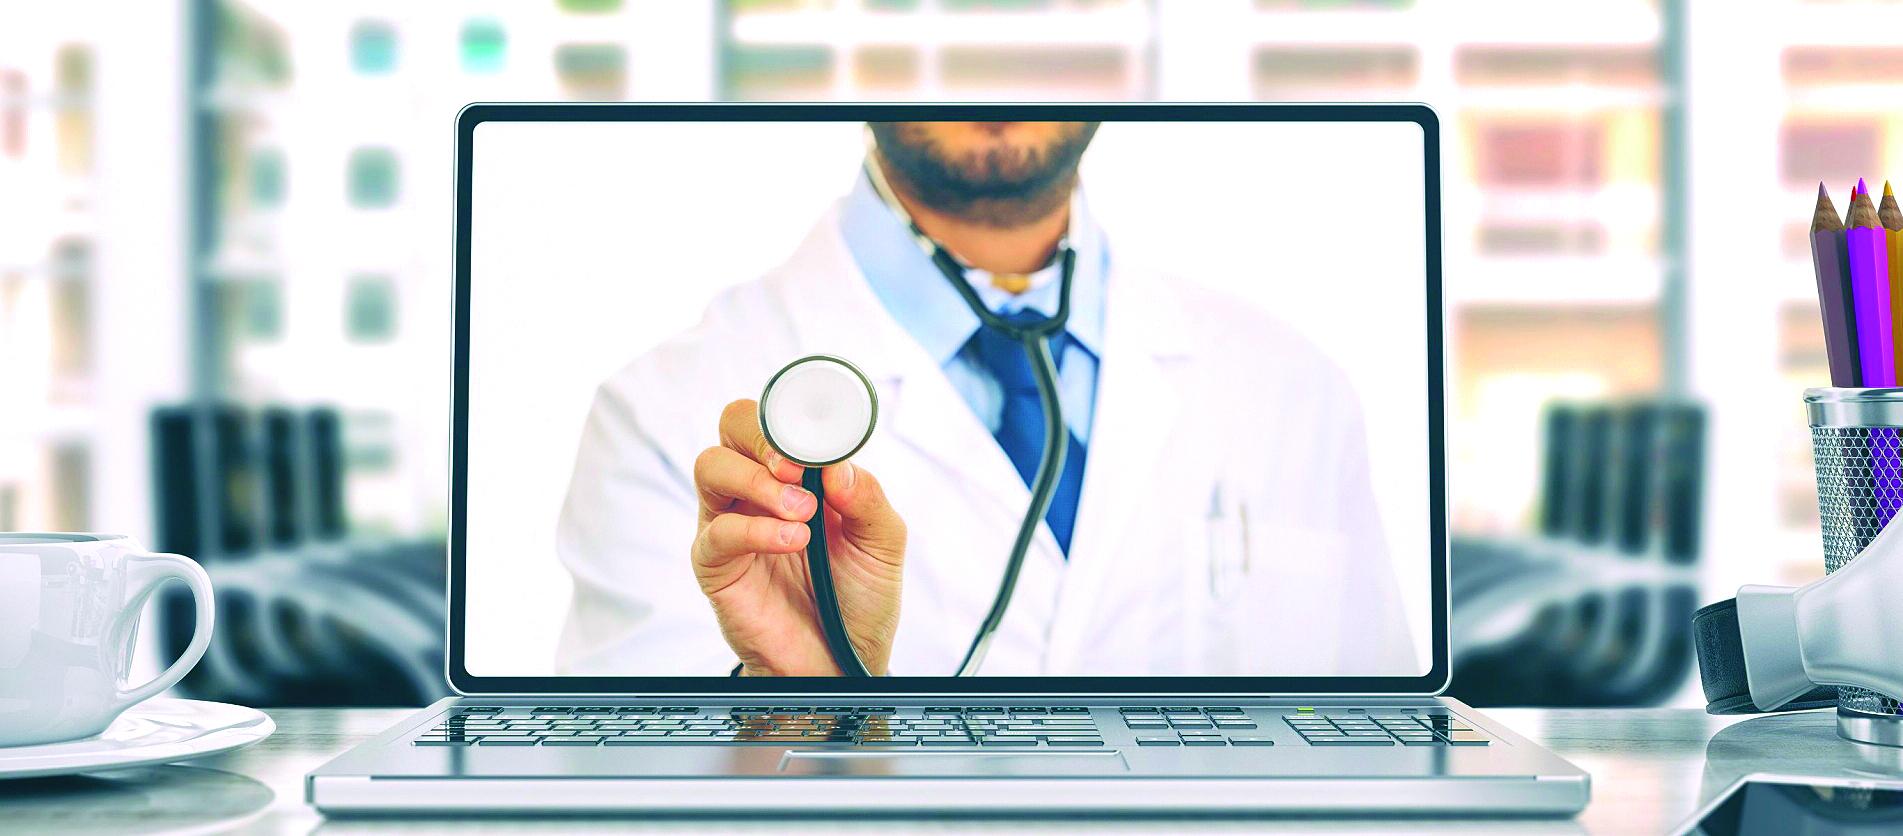 Telemedicina está em vigor no país